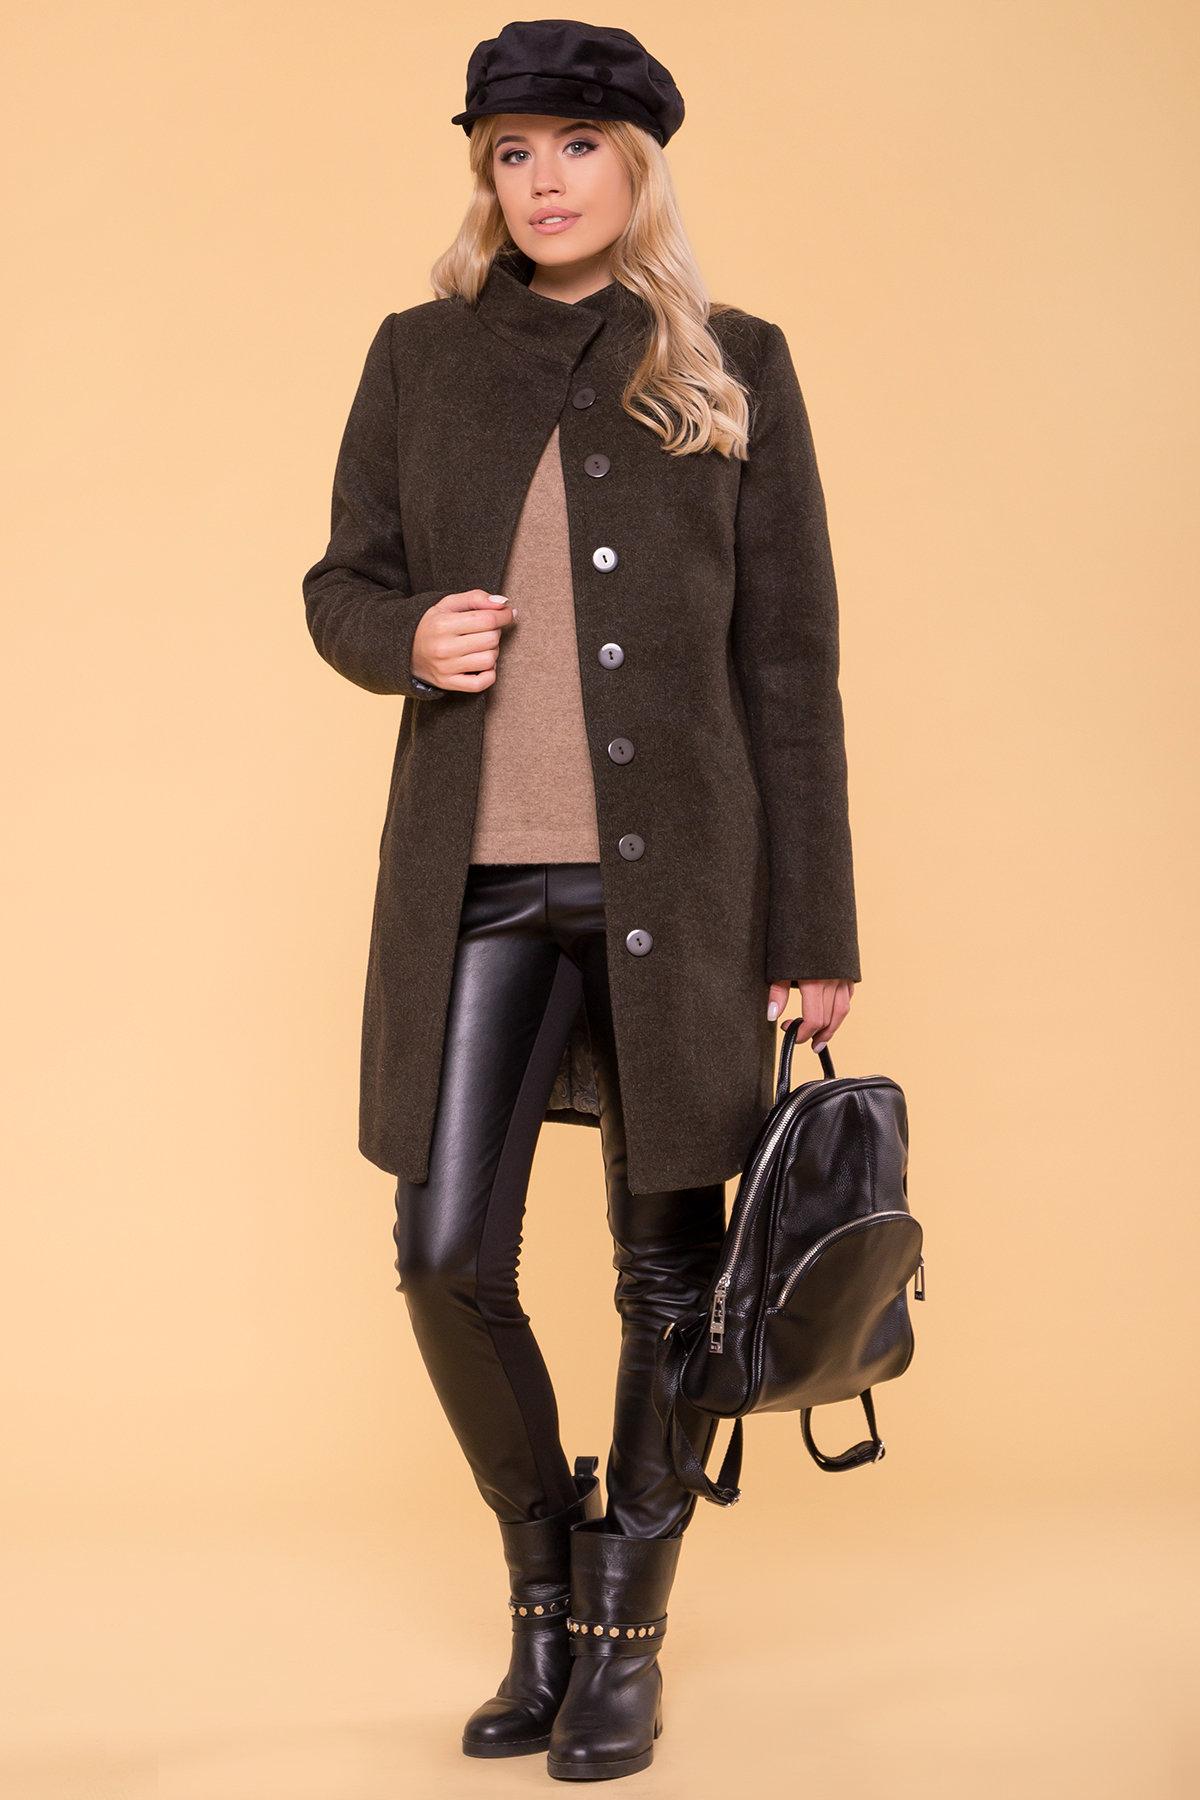 Зимнее пальто с хомутом Фортуна лайт 5802 АРТ. 40535 Цвет: Хаки 16 - фото 3, интернет магазин tm-modus.ru